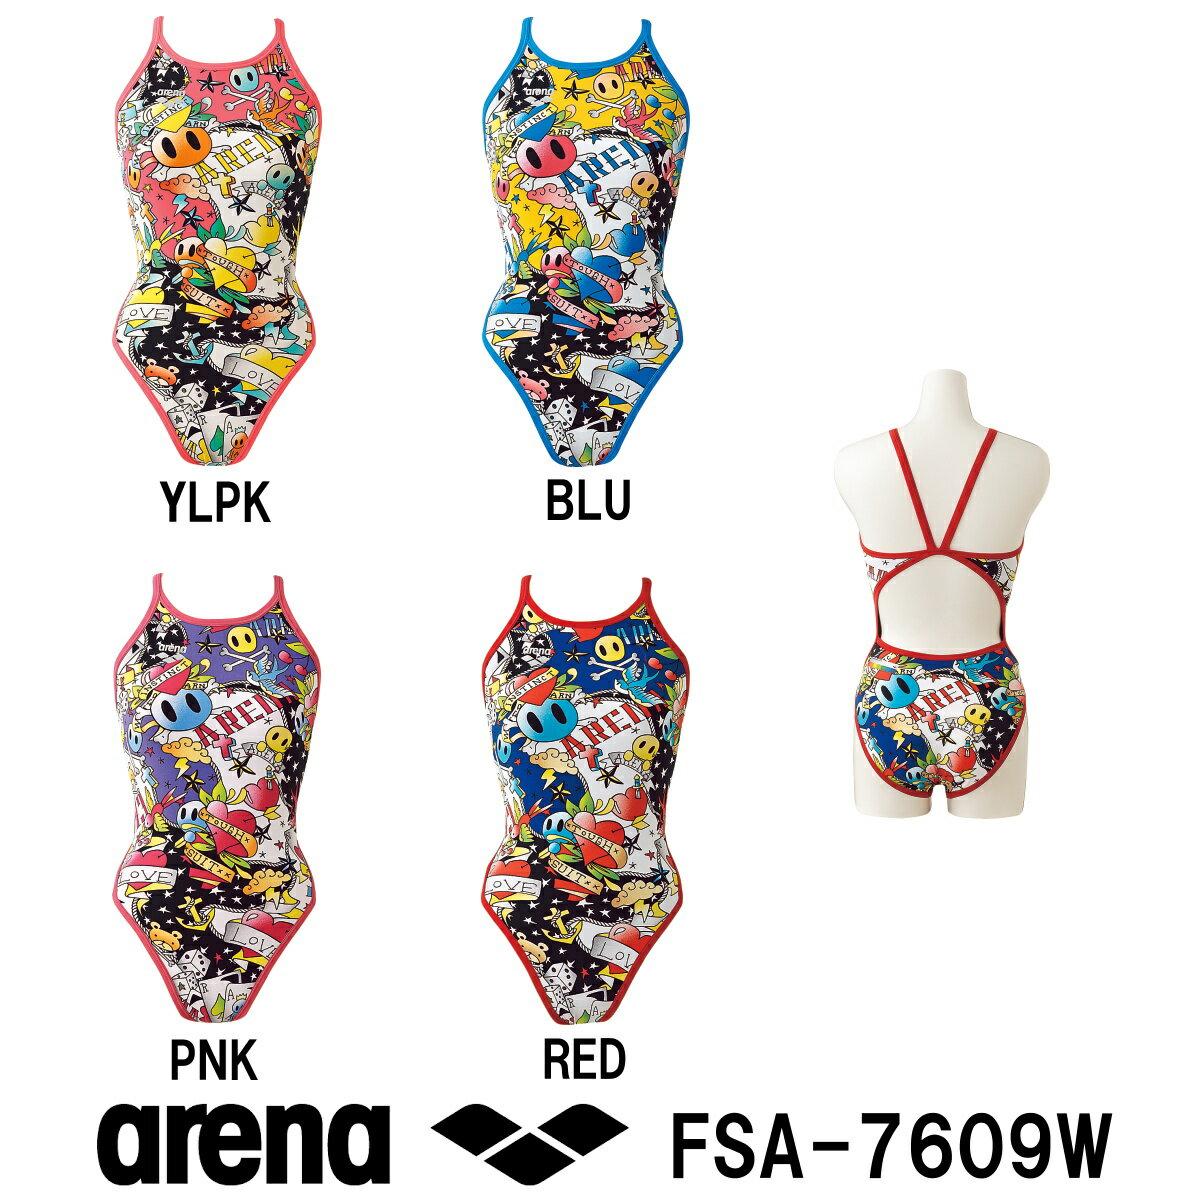 arena アリーナ 競泳練習用水着 レディース スイムウェア スイミング スーパーフライバック タフスーツ タフスキンD アリーナ君シリーズ 2017年FWモデル FSA-7609W